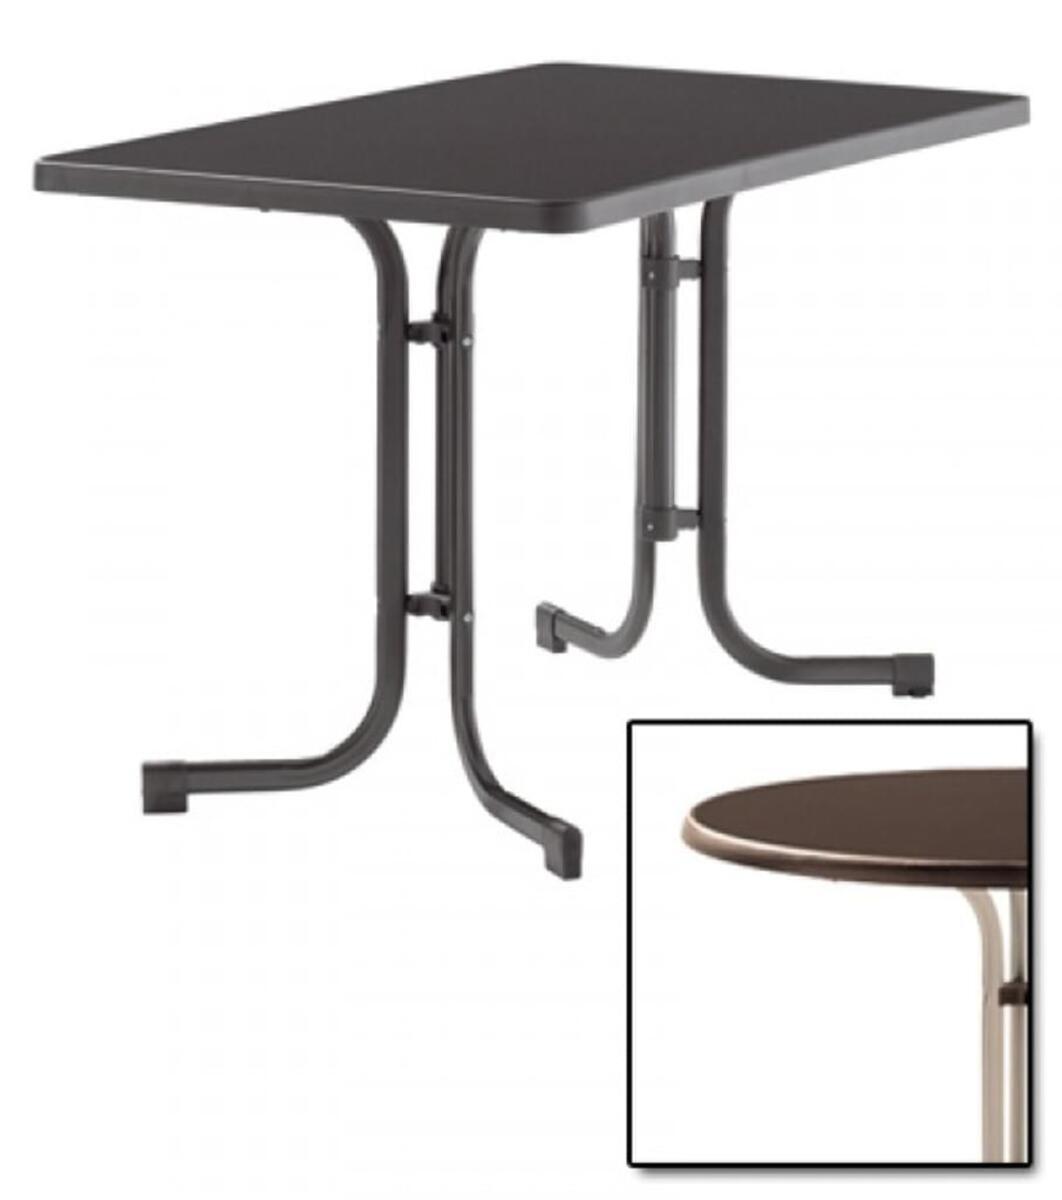 Bild 1 von SIEGER Gartentisch / Klapptisch 115x70cm Stahl champ/Mecalit mocca